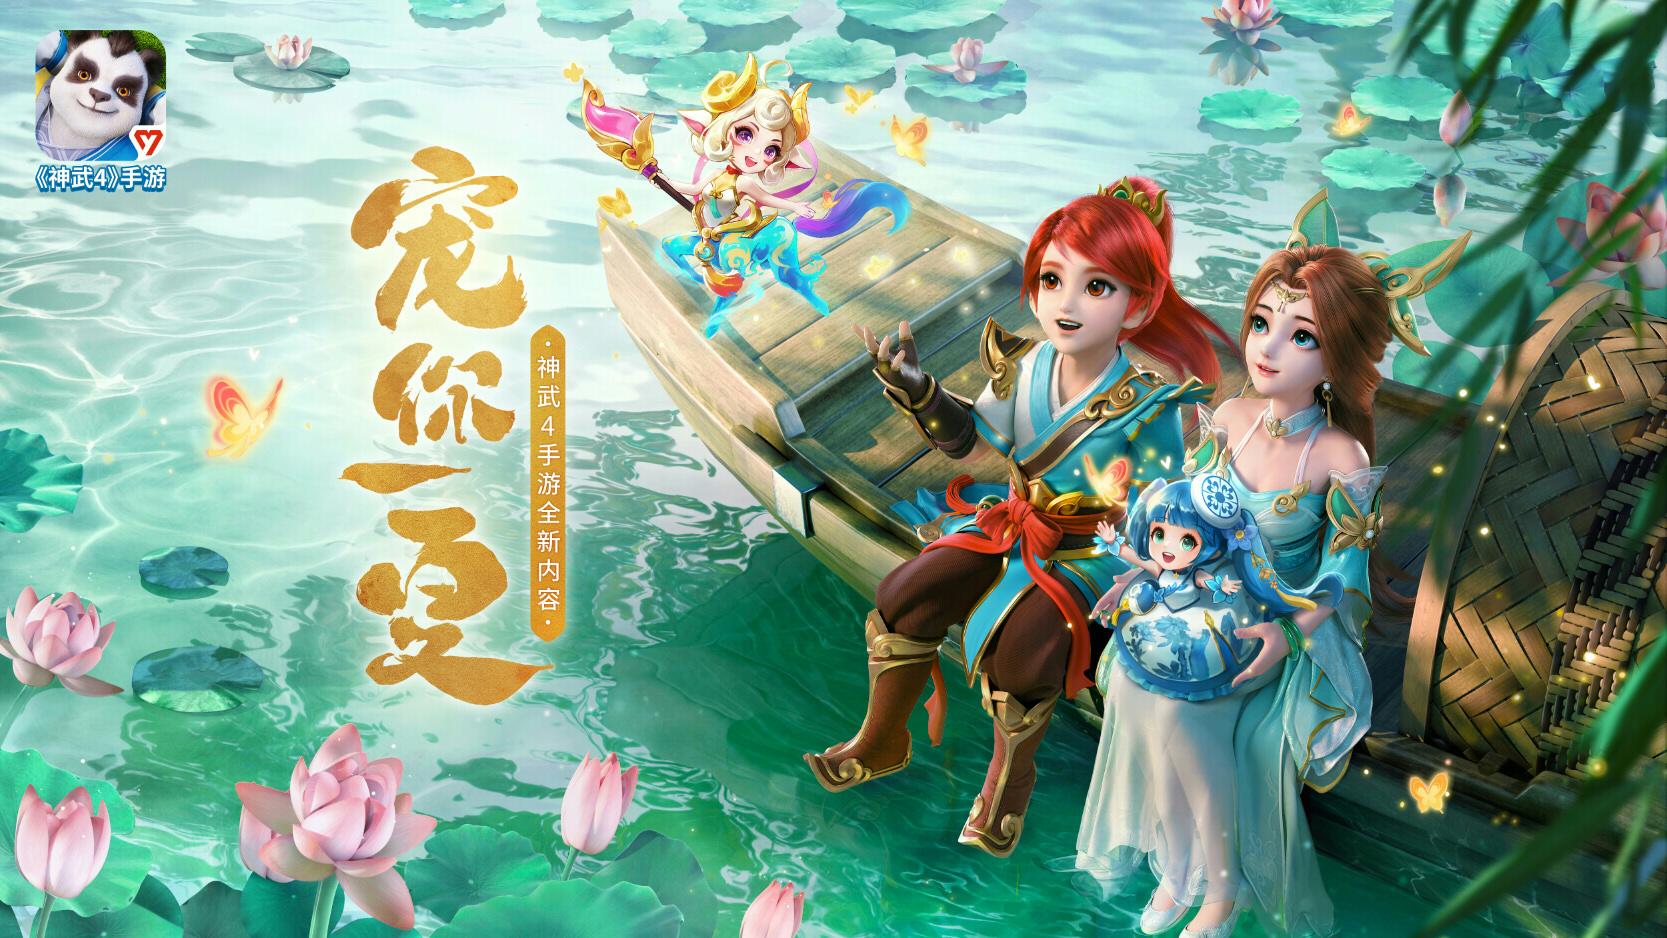 """全新内容""""宠你一夏""""欢乐来袭!《神武4》手机游戏可爱萌宠惊艳上线"""